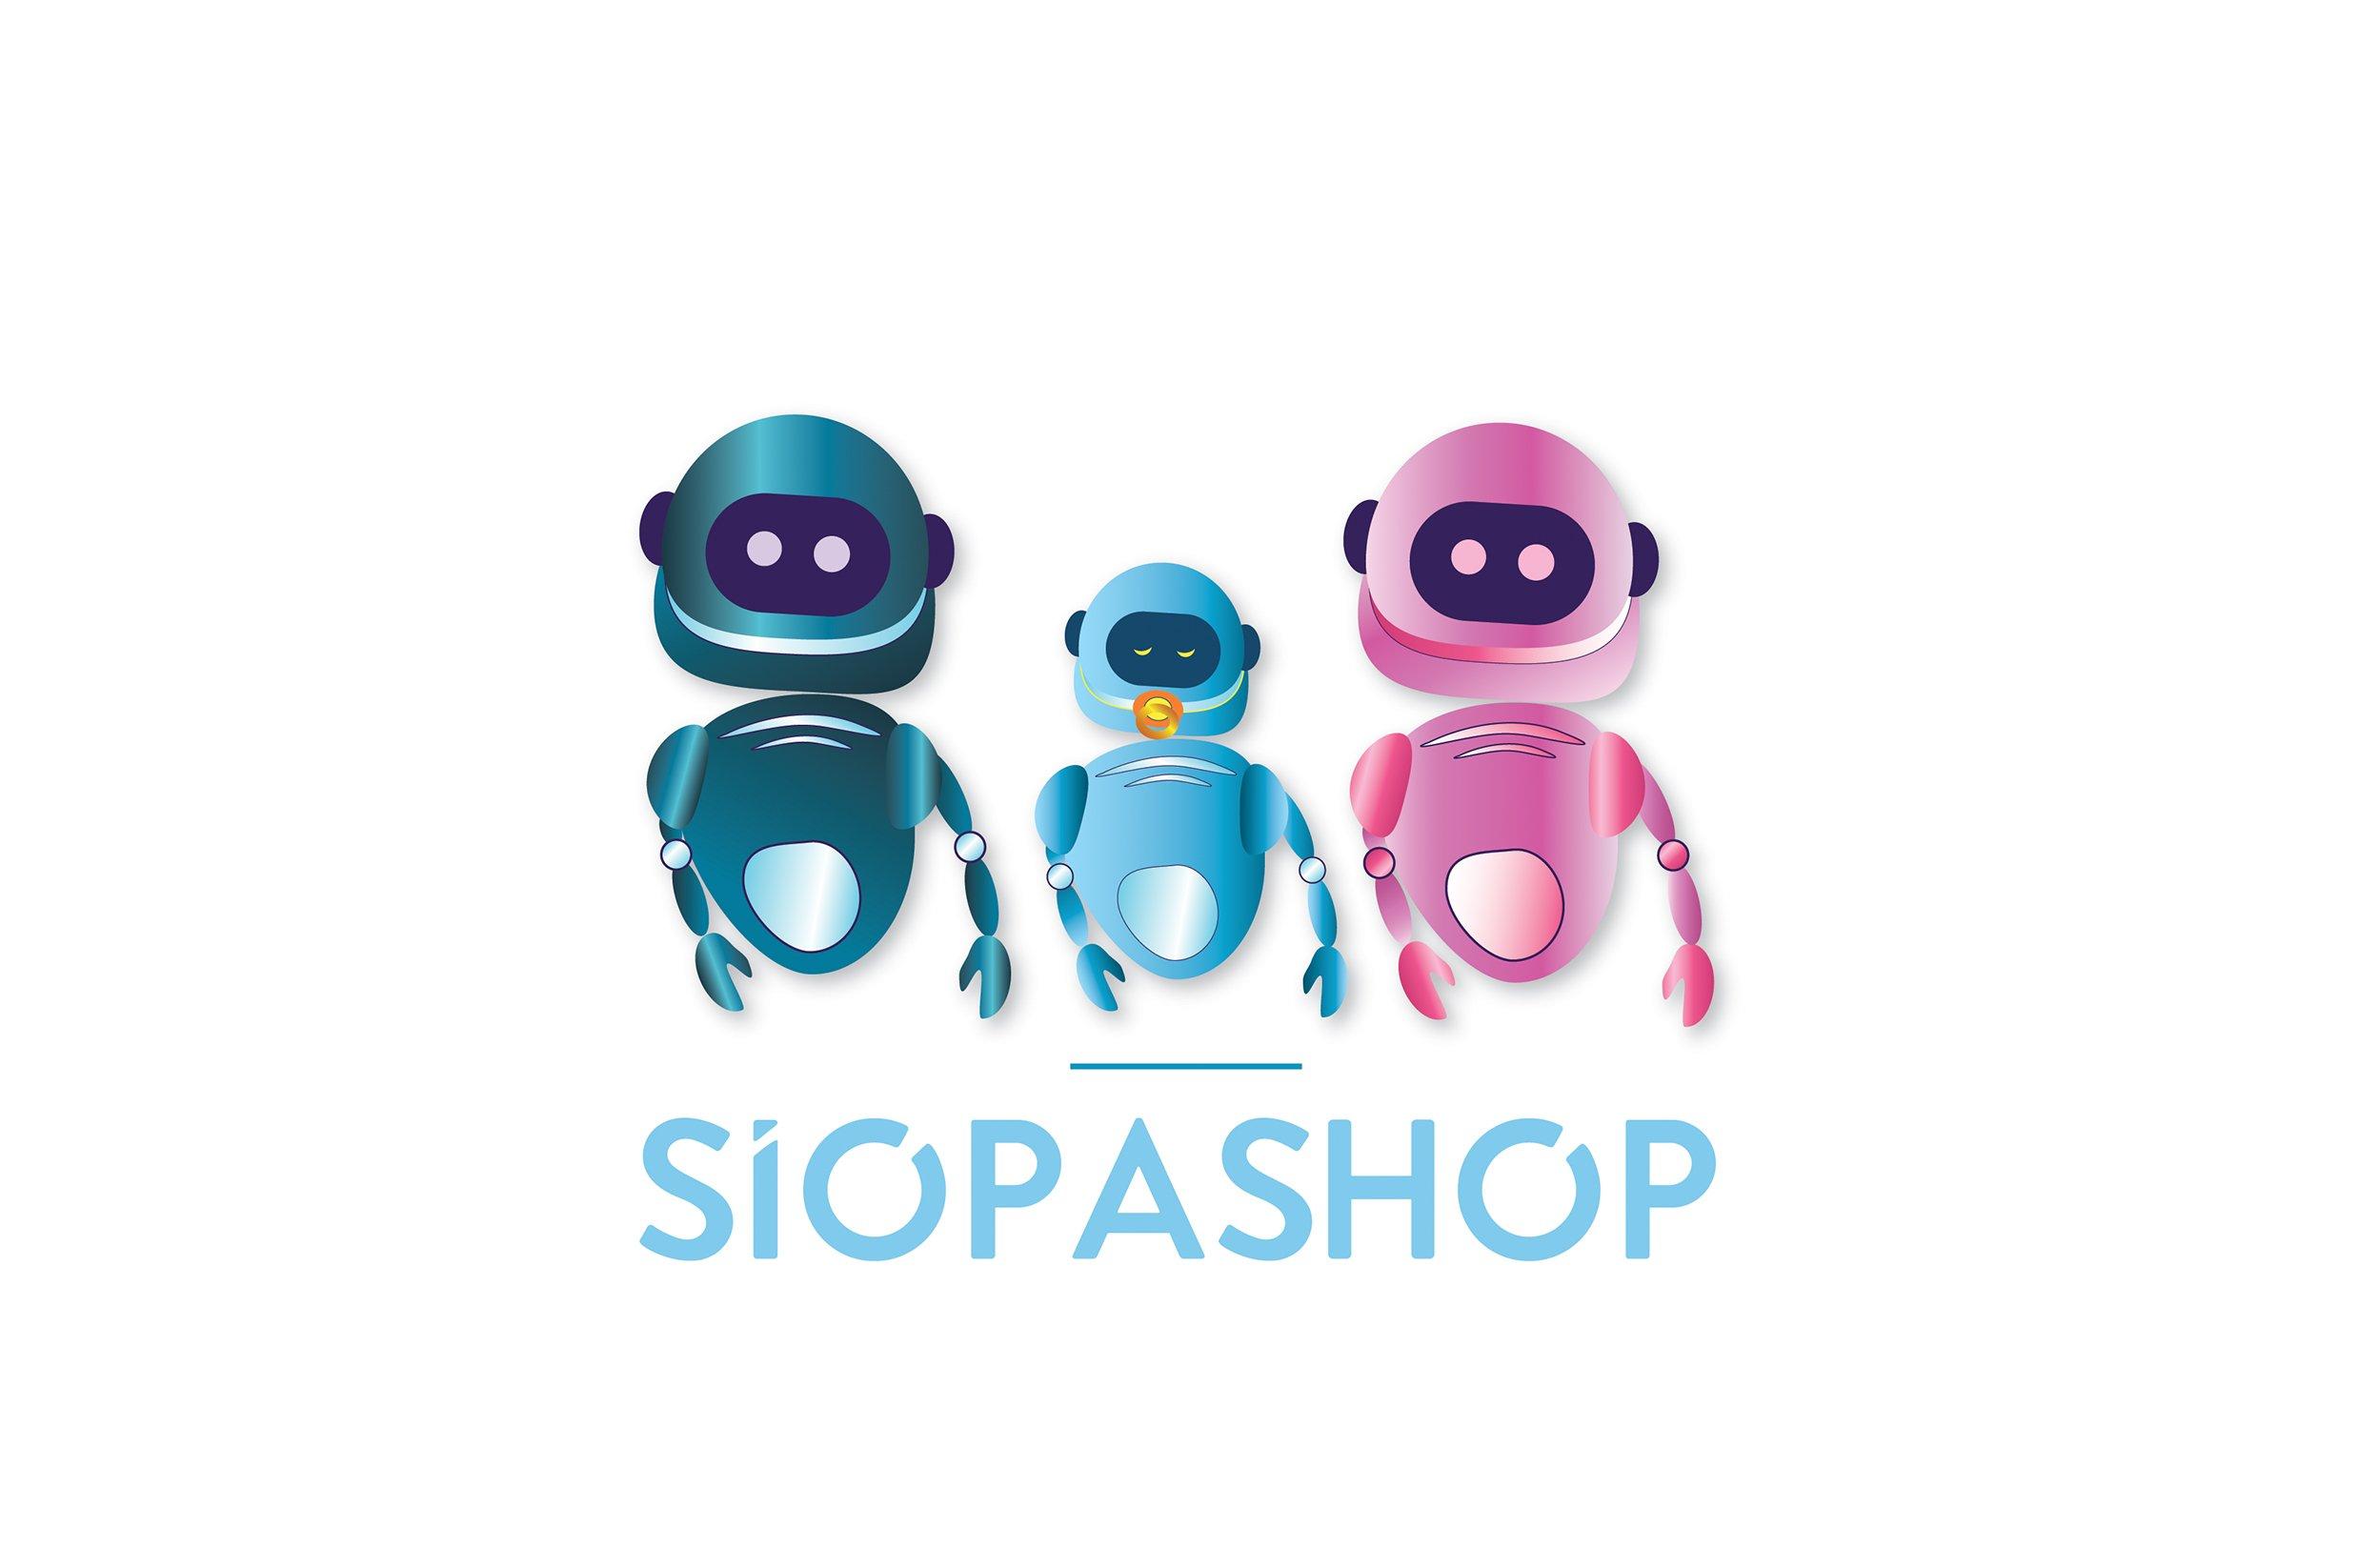 siopashop-1